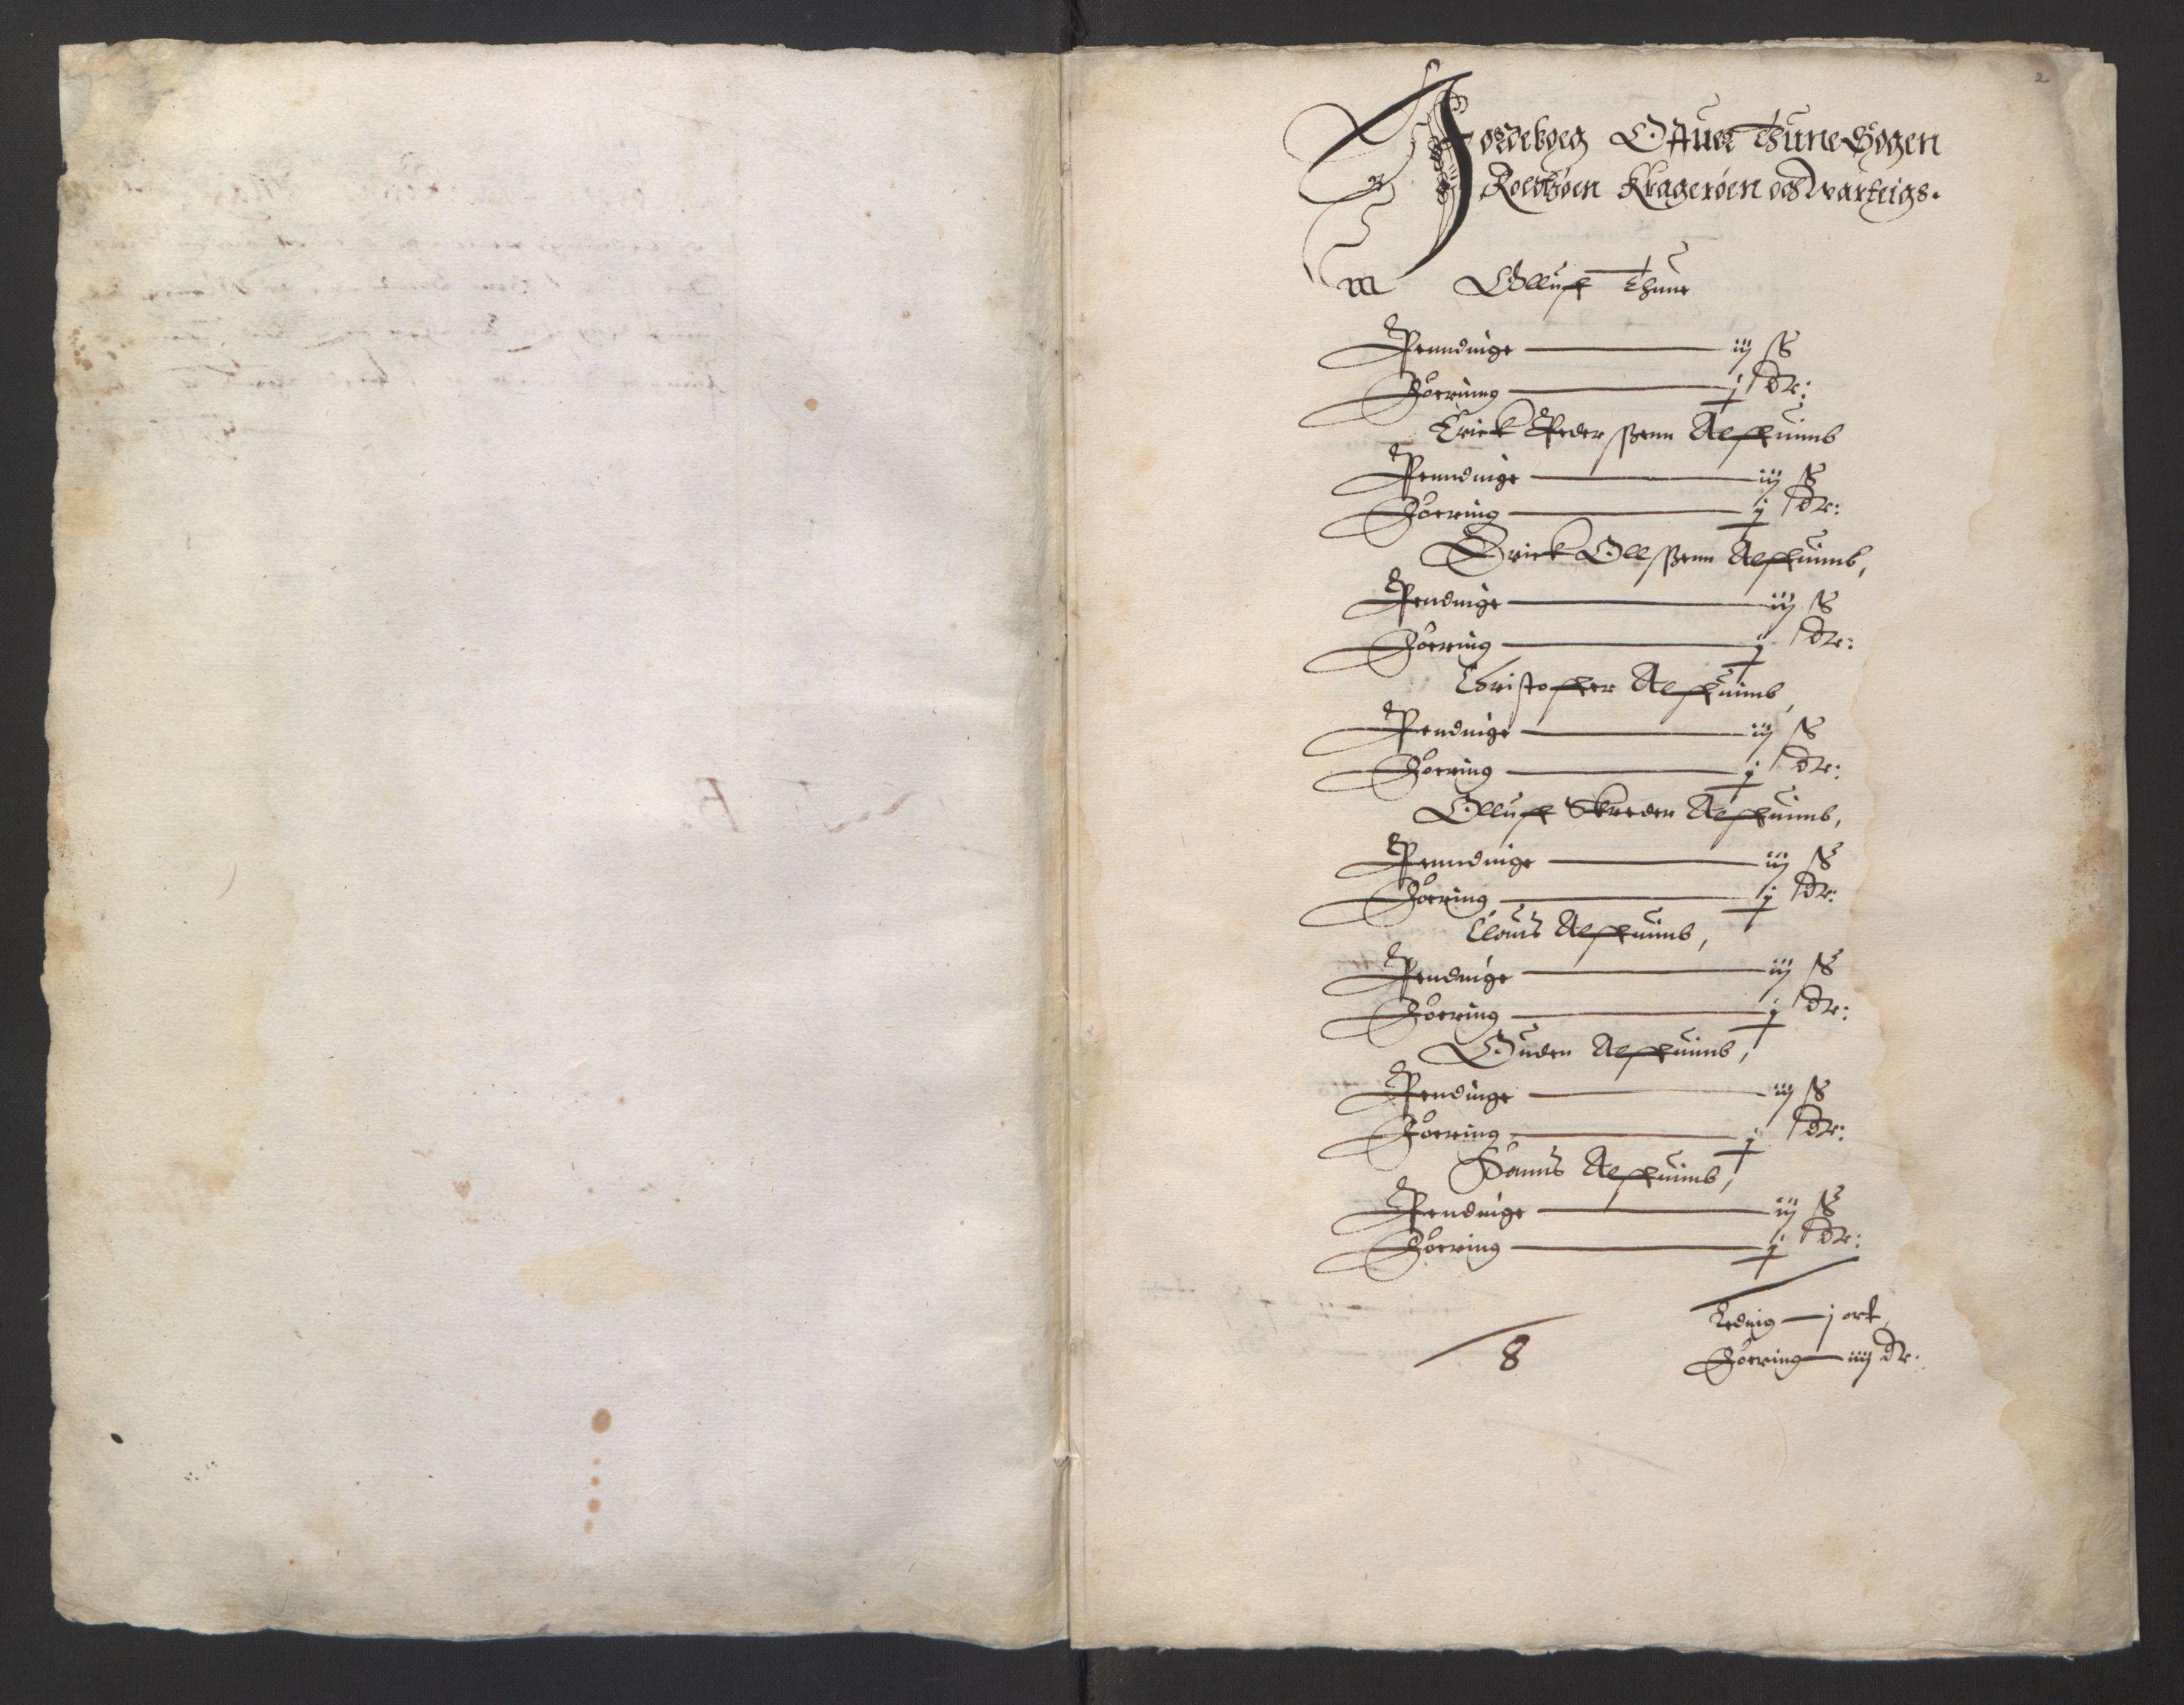 RA, Stattholderembetet 1572-1771, Ek/L0001: Jordebøker før 1624 og til utligning av garnisonsskatt 1624-1626:, 1624-1625, s. 205